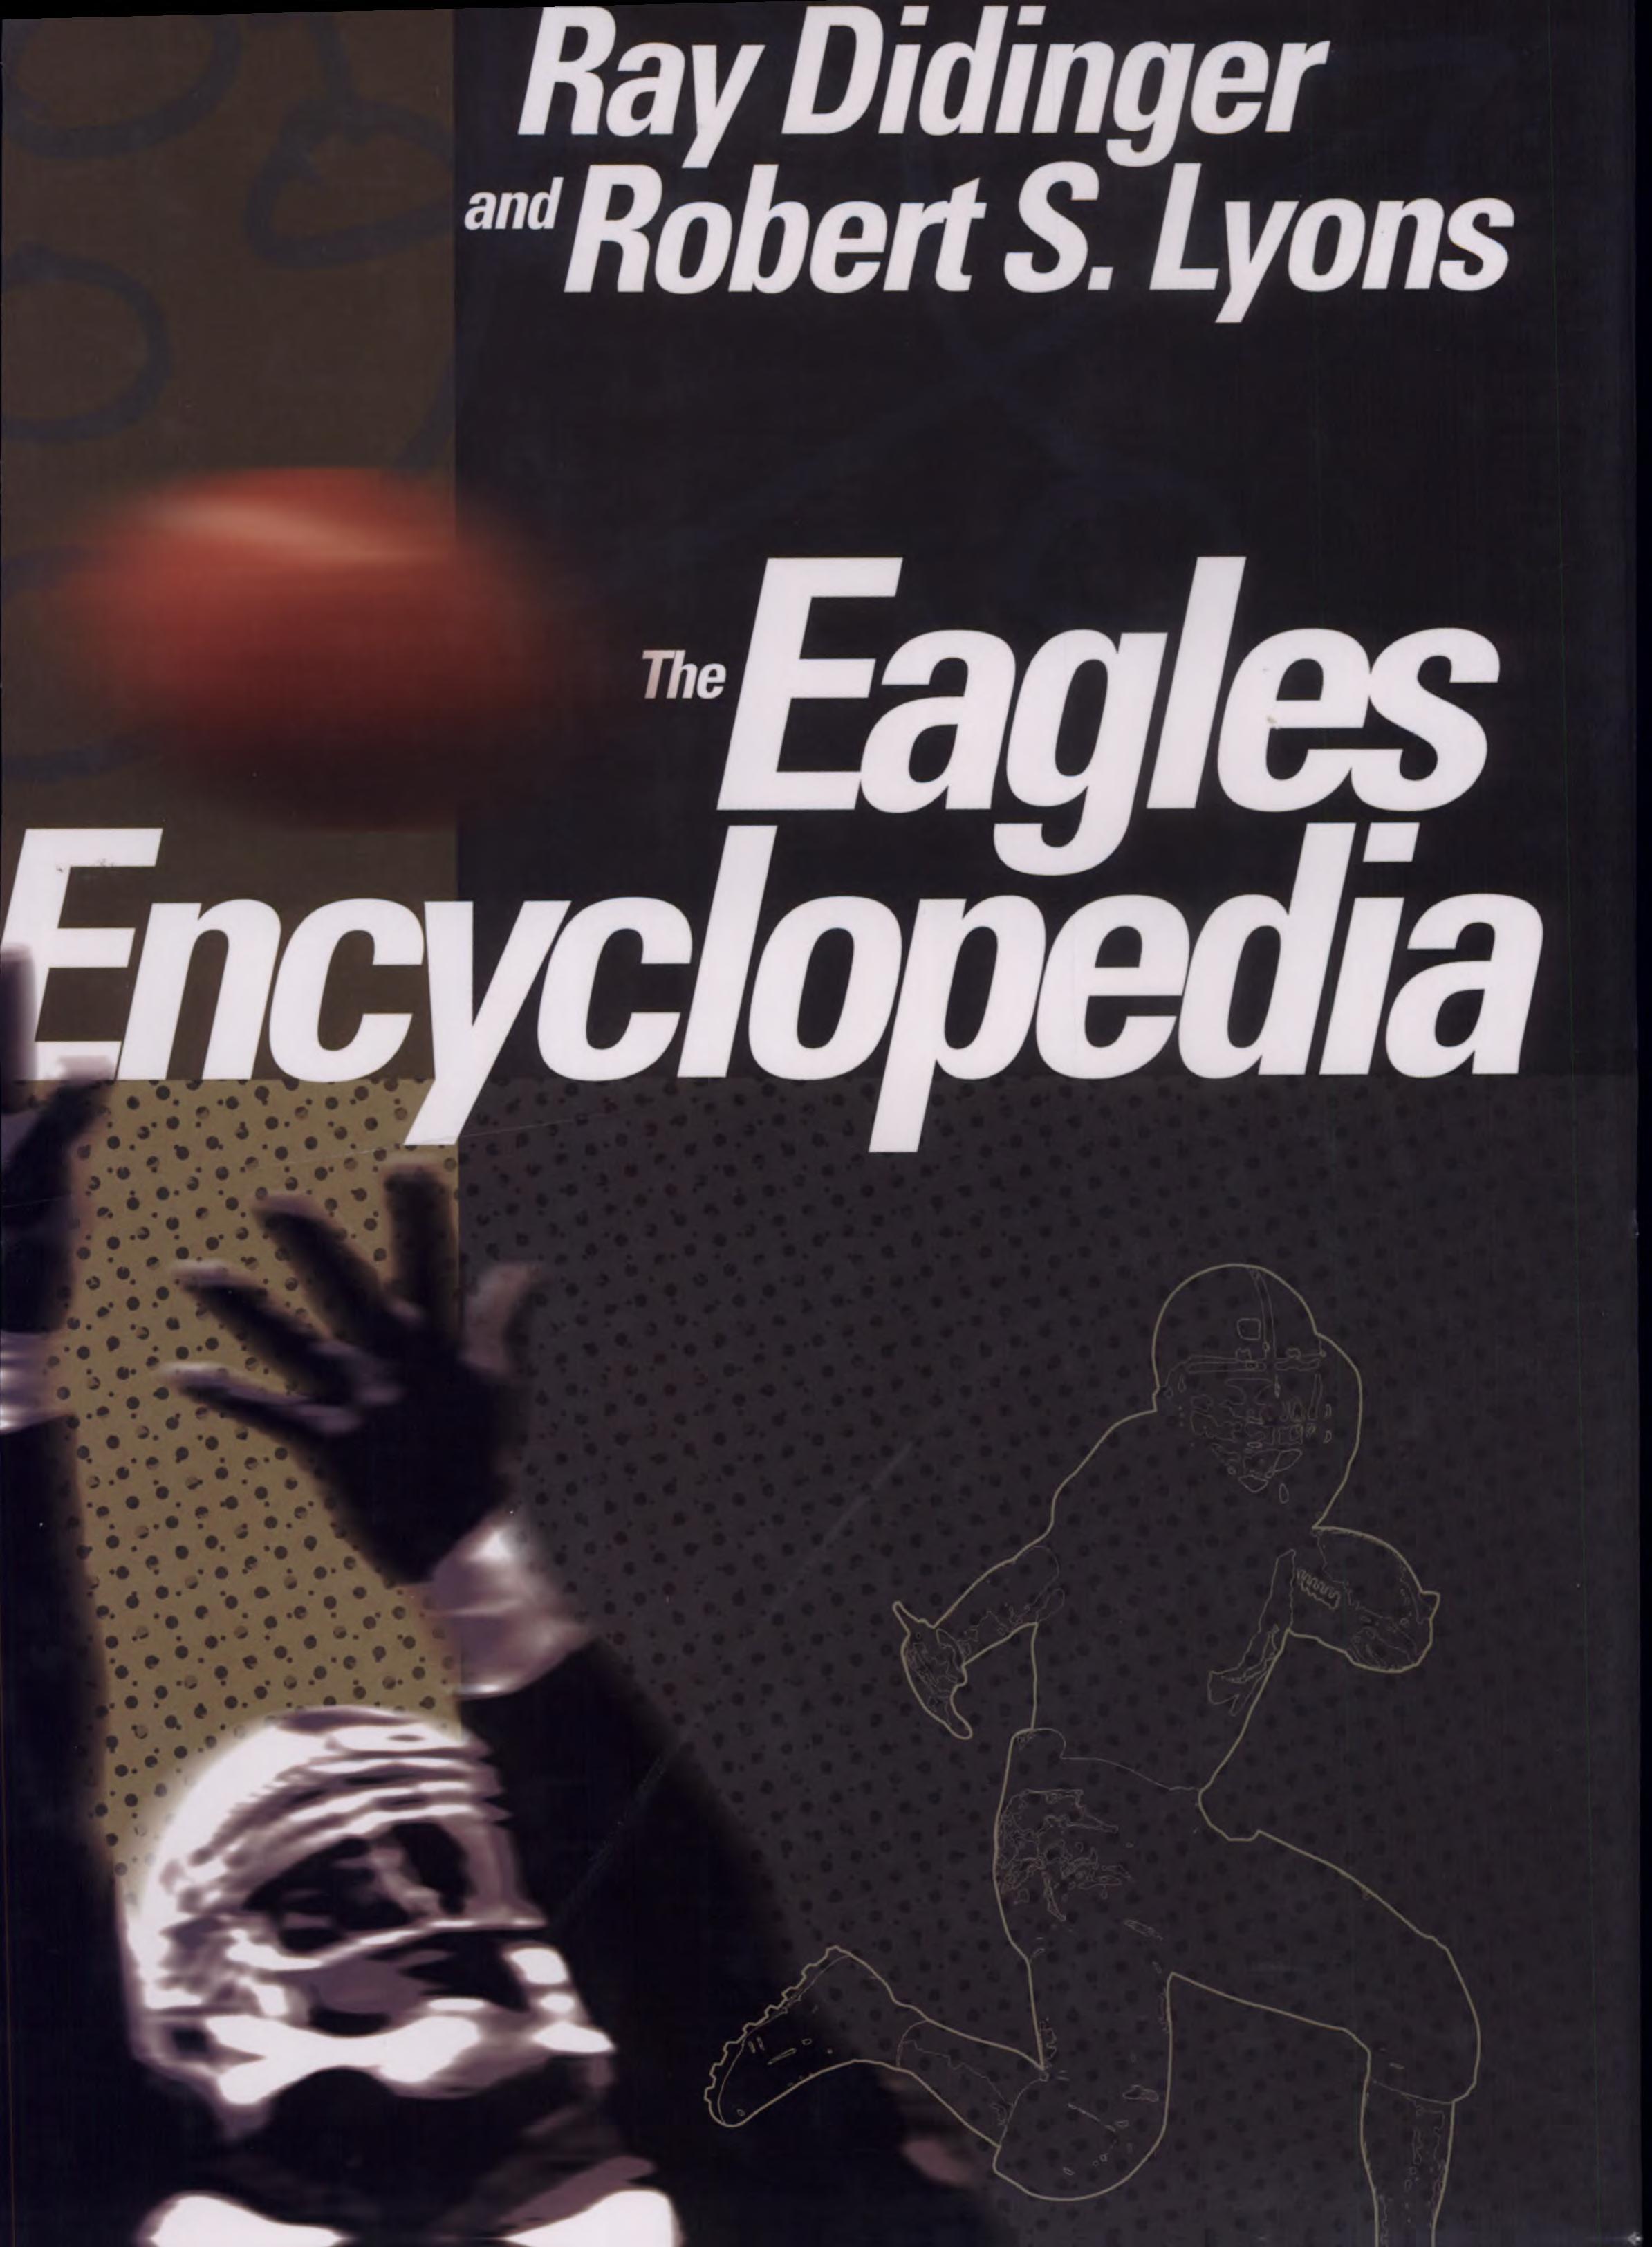 The Eagles Encyclopedia